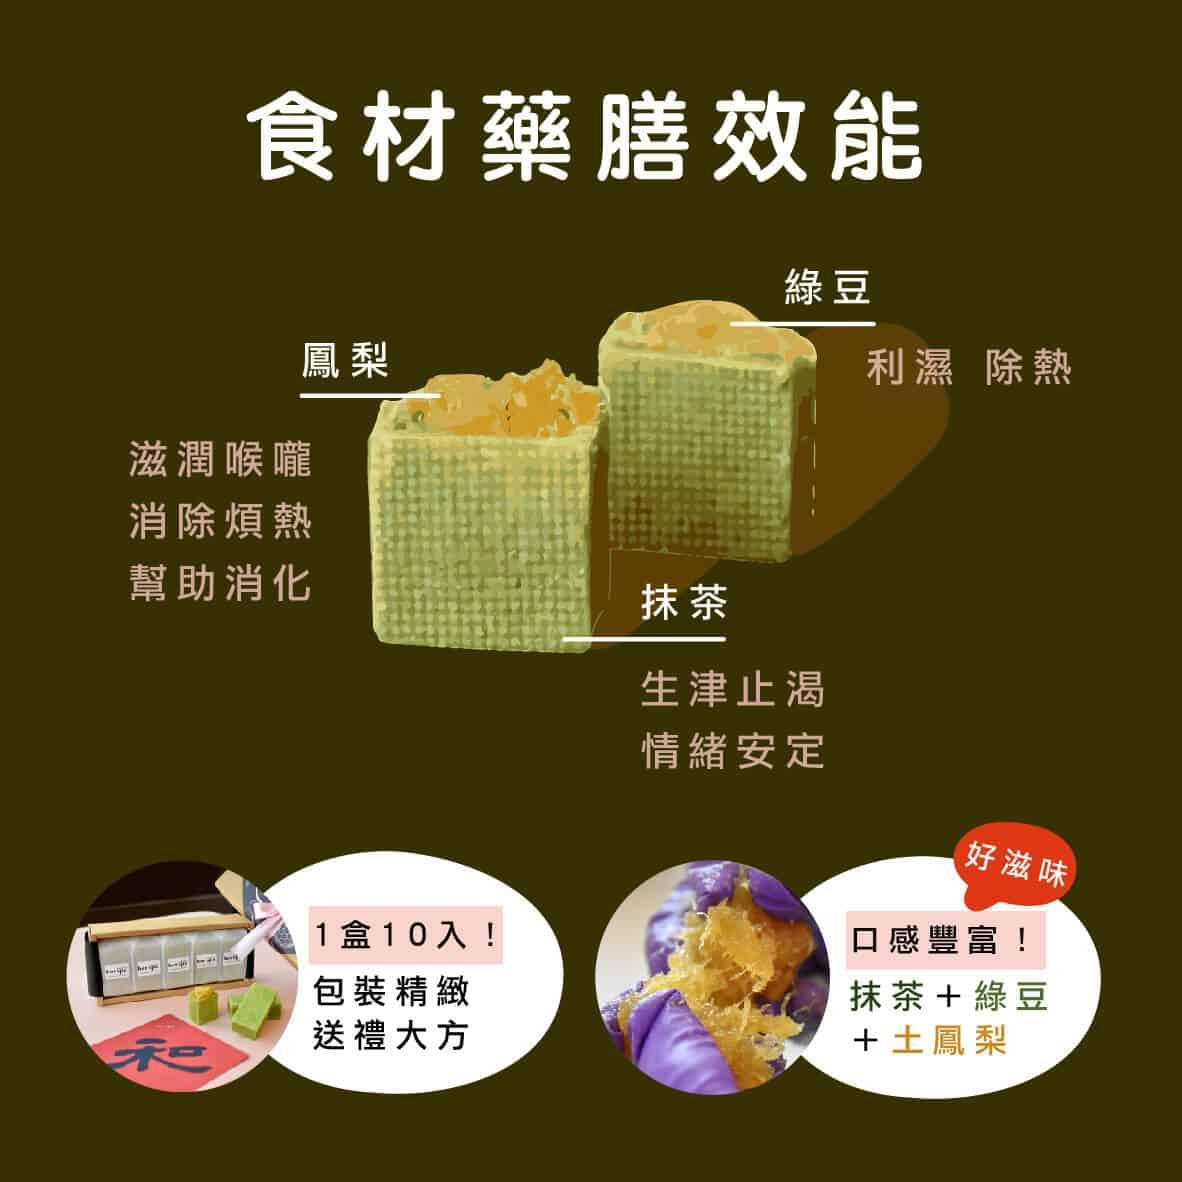 鳳梨酥 抹茶鳳梨酥 微熱山丘 土鳳梨酥 中秋禮盒推薦